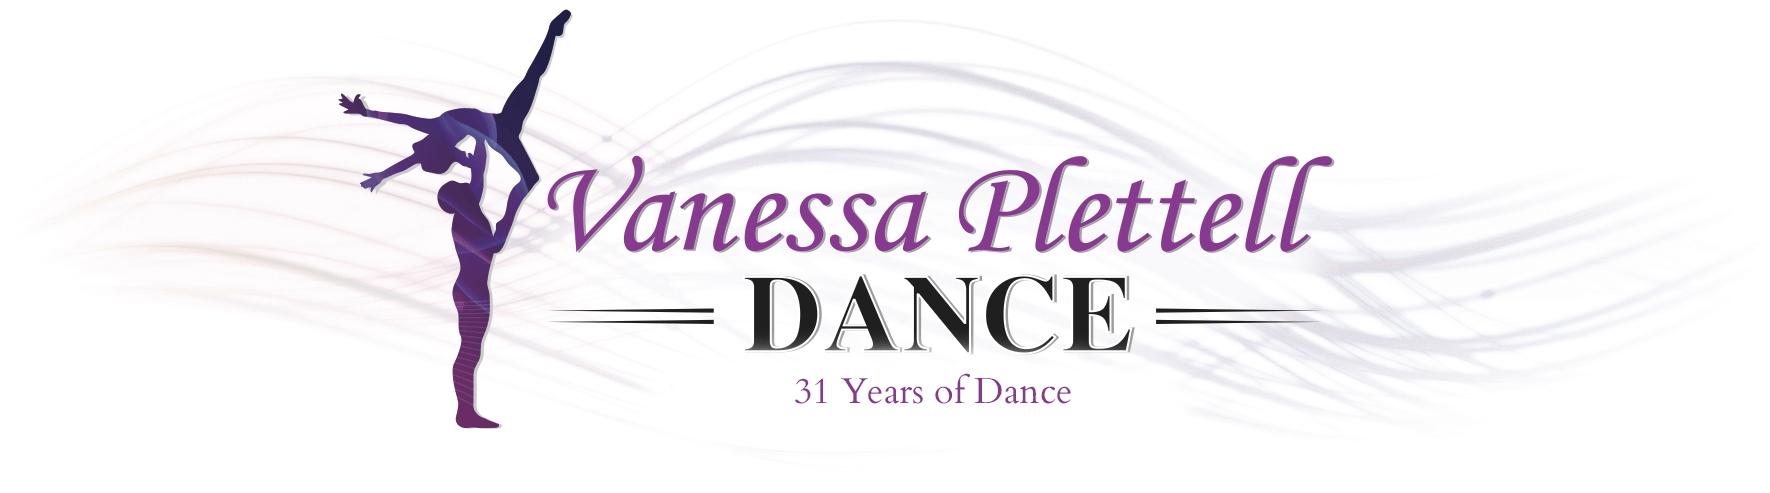 Vanessa Plettell Dance